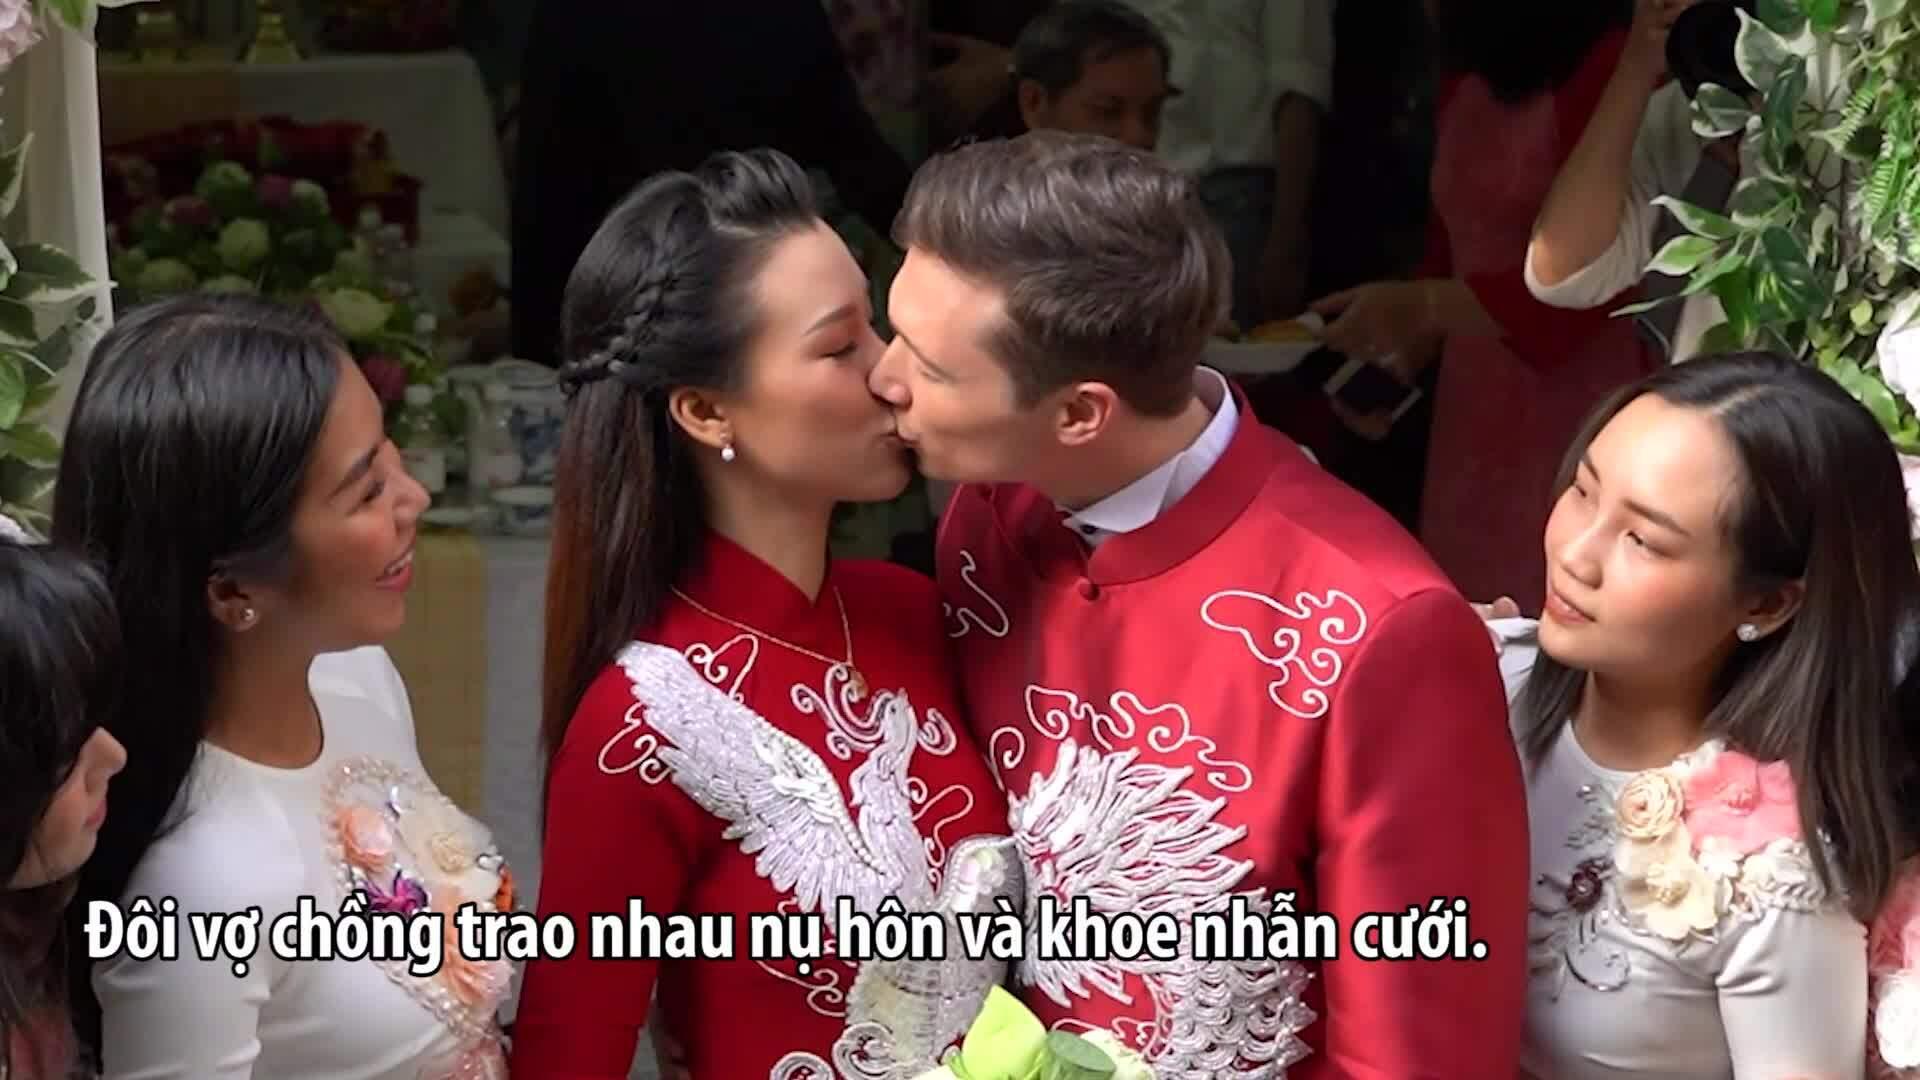 Vợ chồng Hoàng Oanh liên tục hôn nhau ở lễ rước dâu